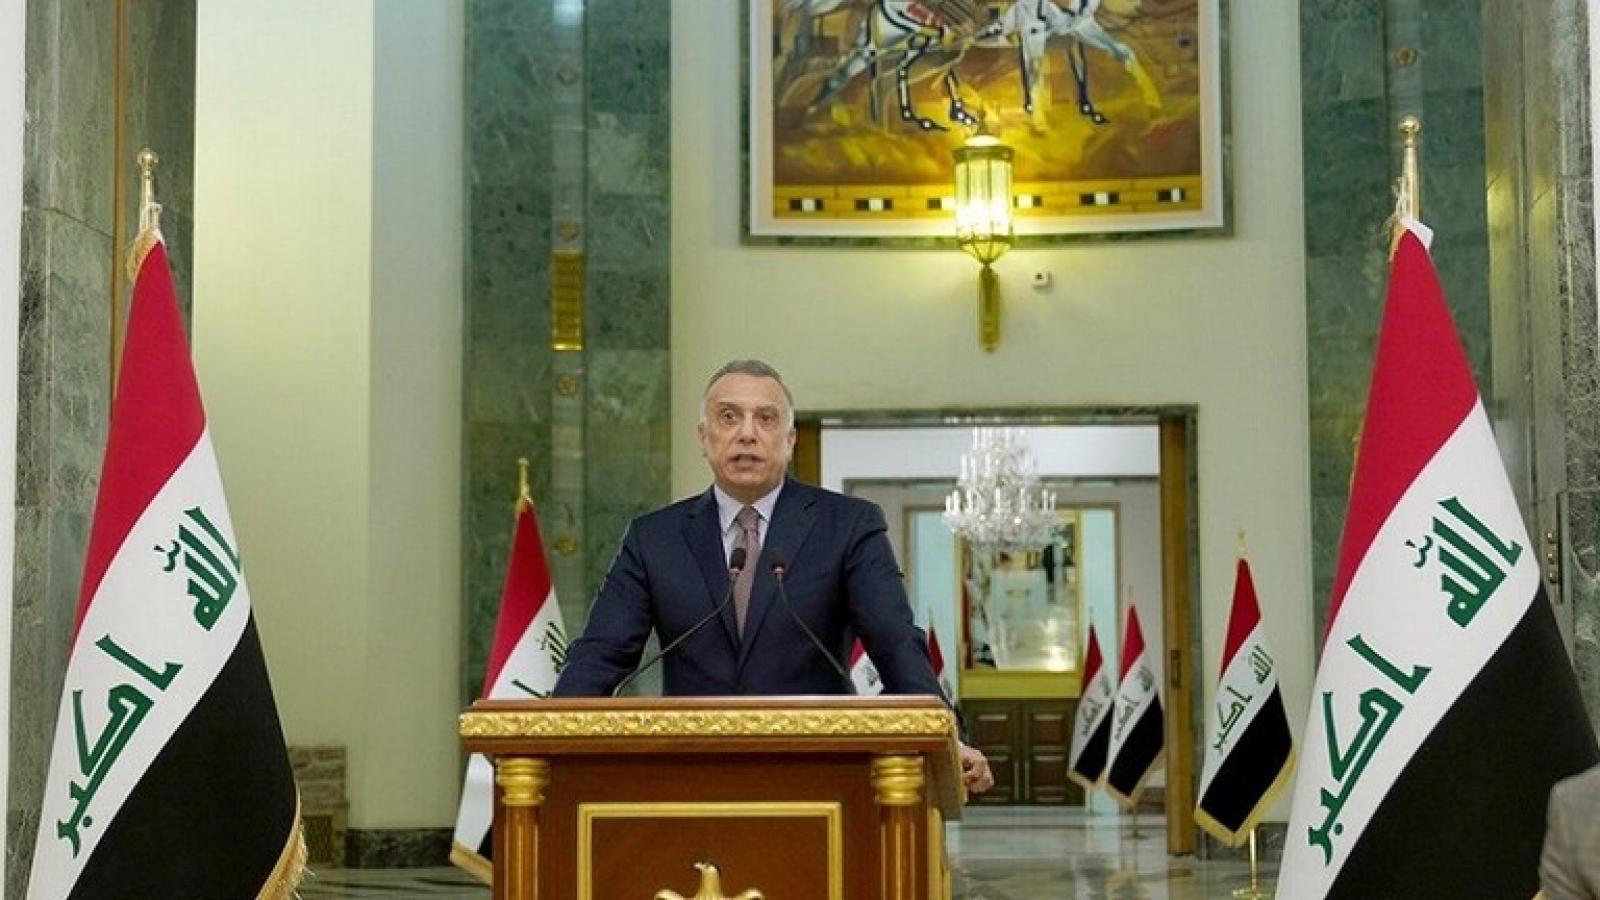 Thủ tướng Iraq: Mỹ sẽ rút hơn nửa quân số khỏi Iraq